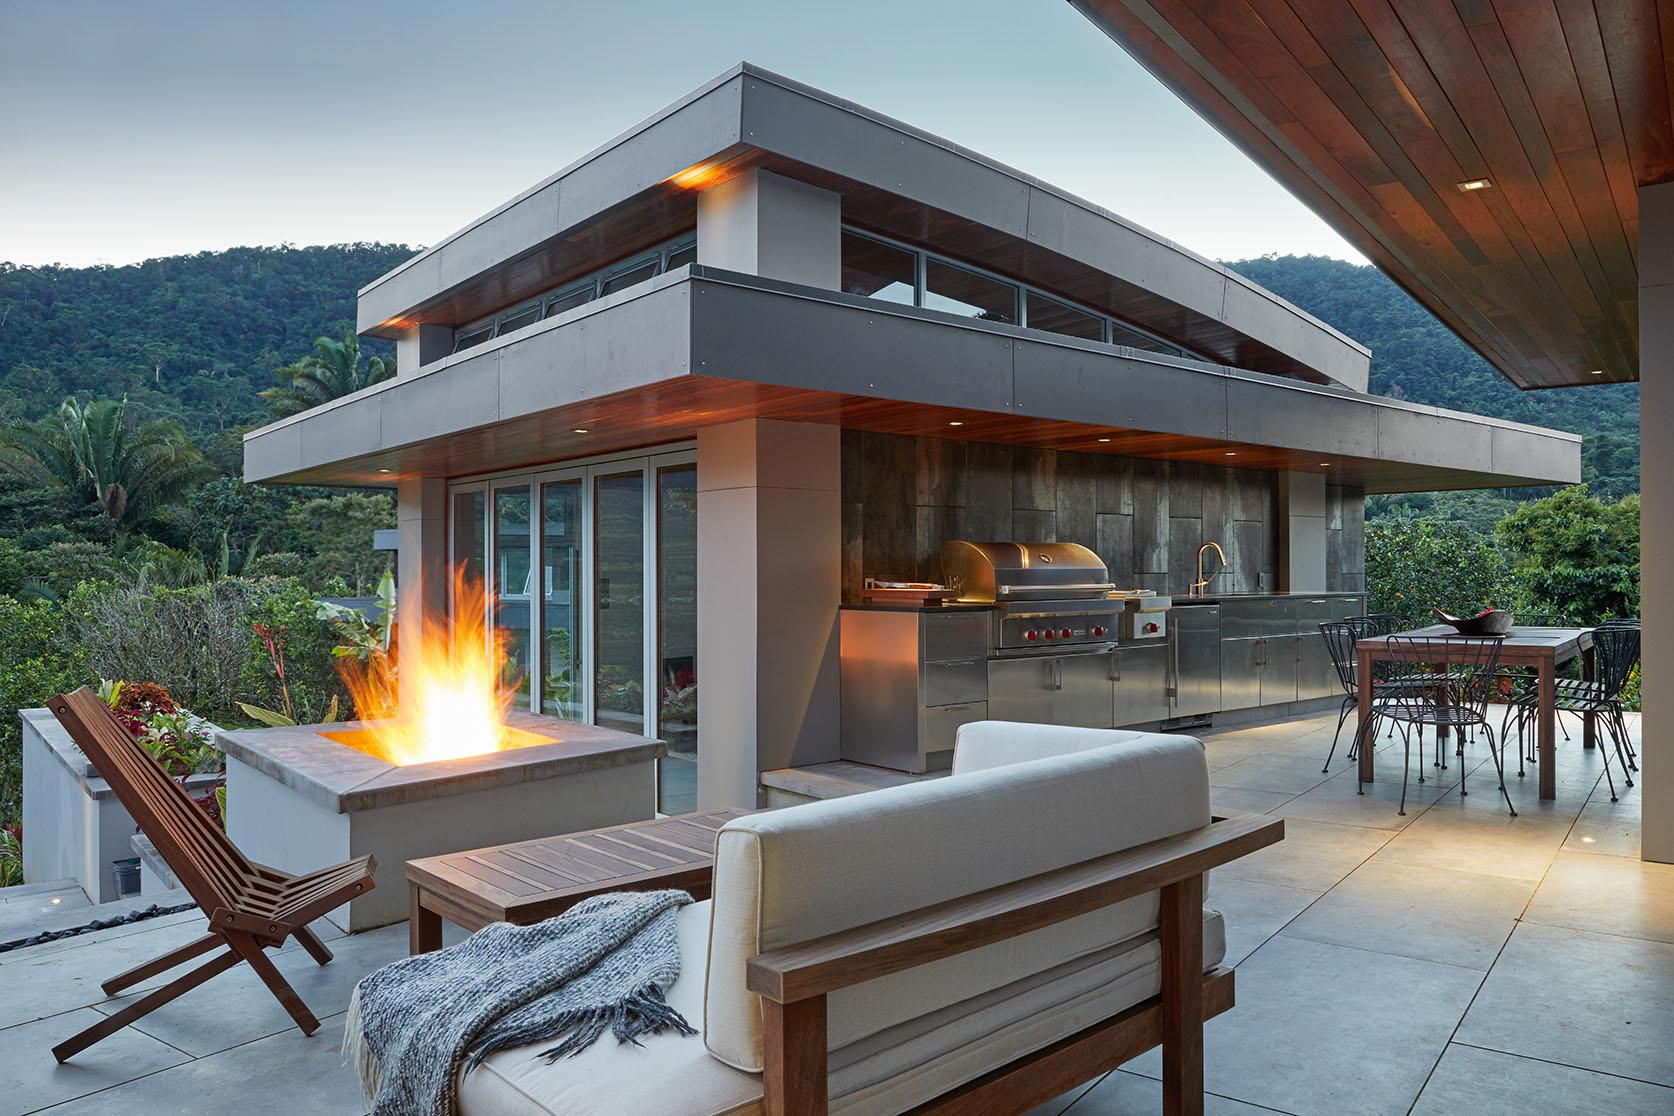 Barbecue et appareils de Pool House WOLF, la référence qualitative dans le domaine.